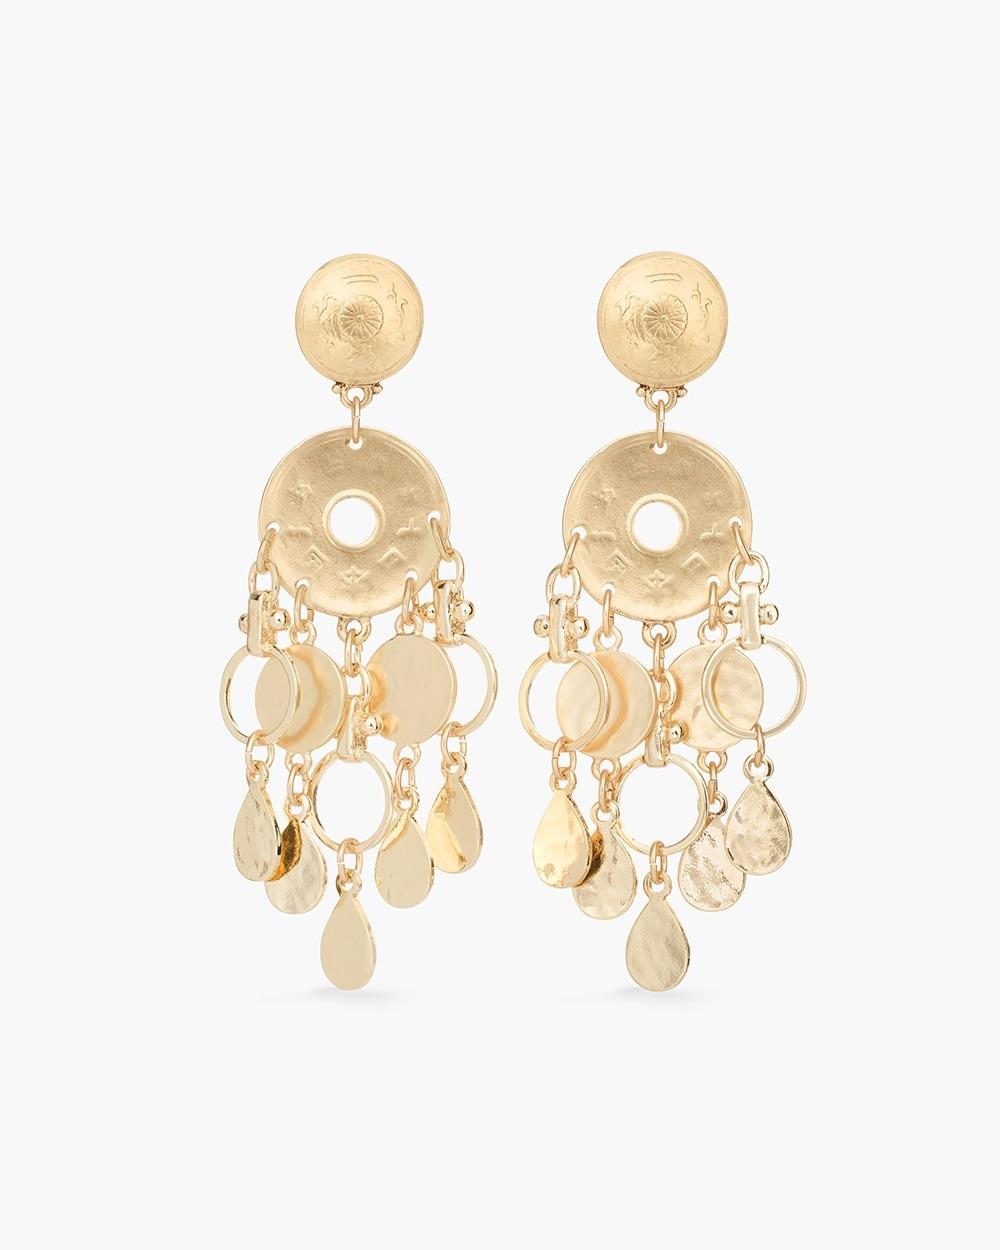 Gold Tone Coin Chandelier Earrings